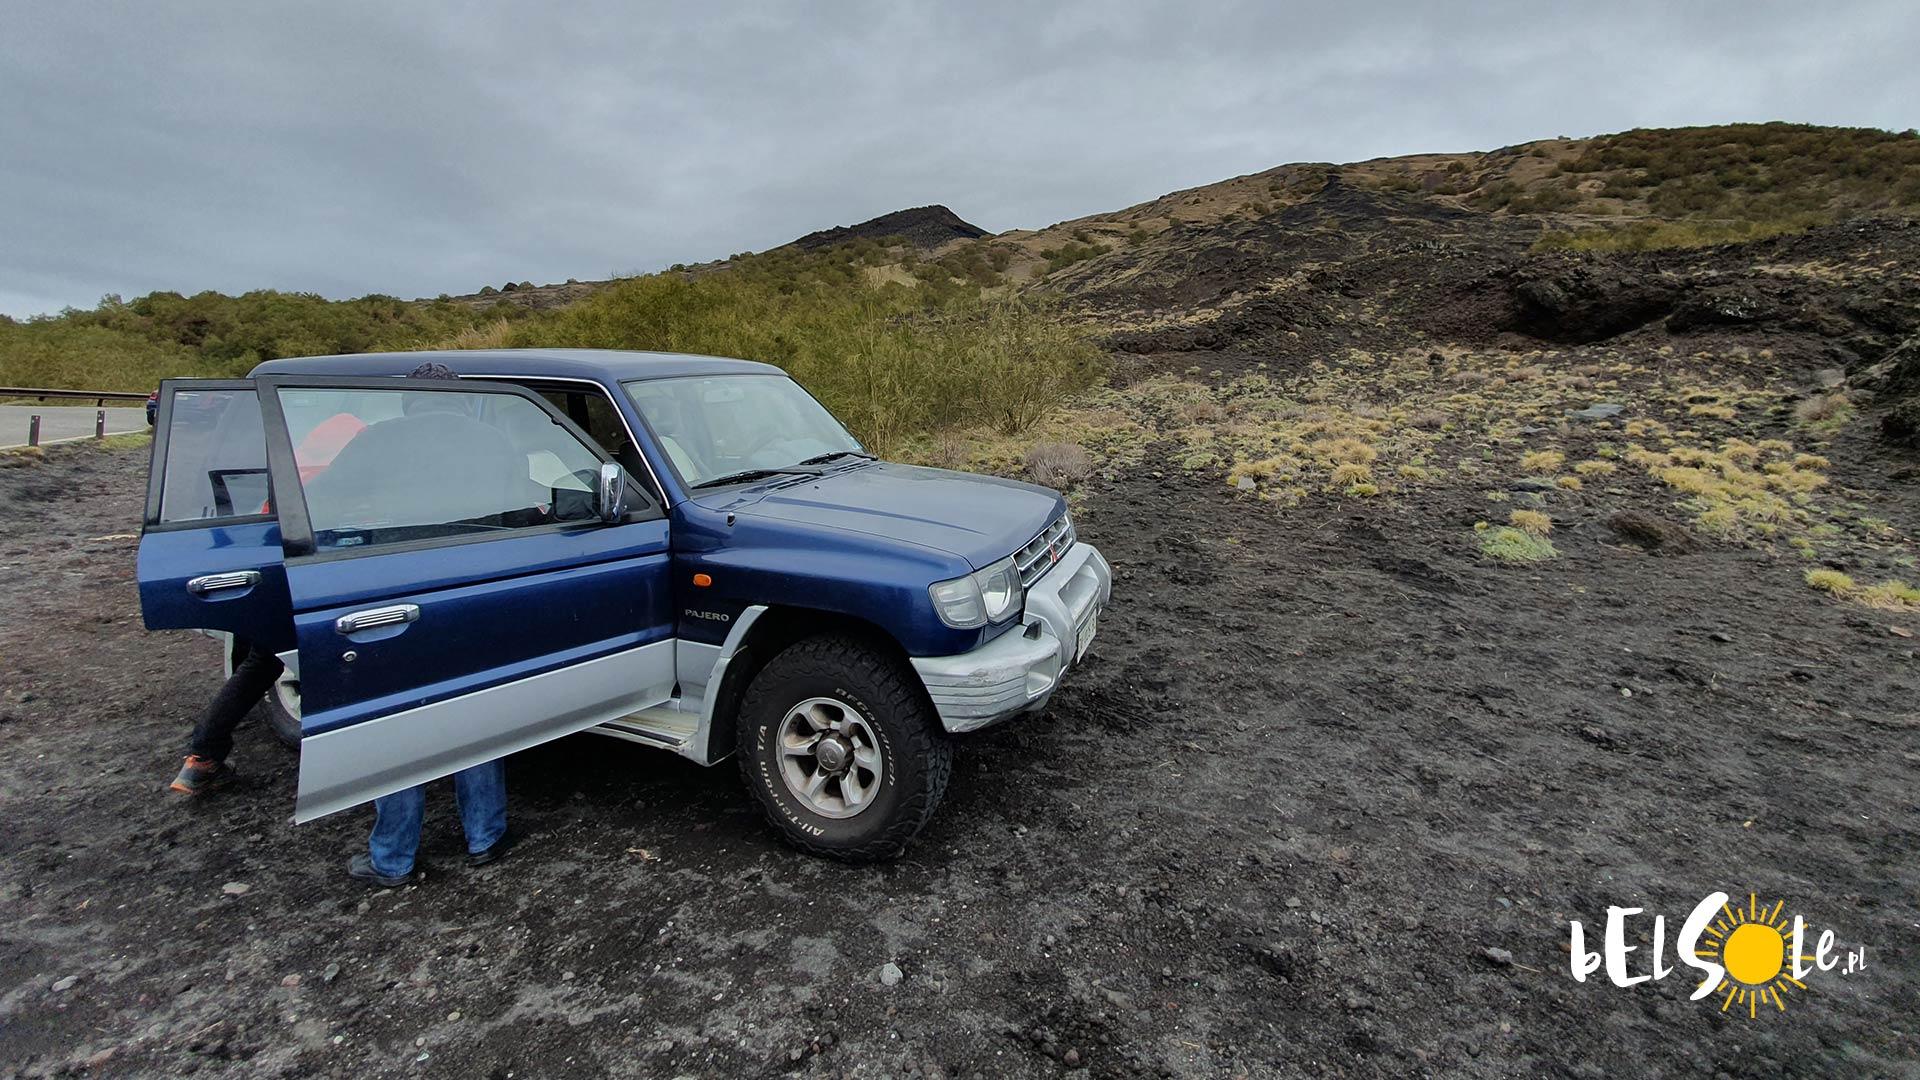 Wycieczki po Etnie samochodem terenowym